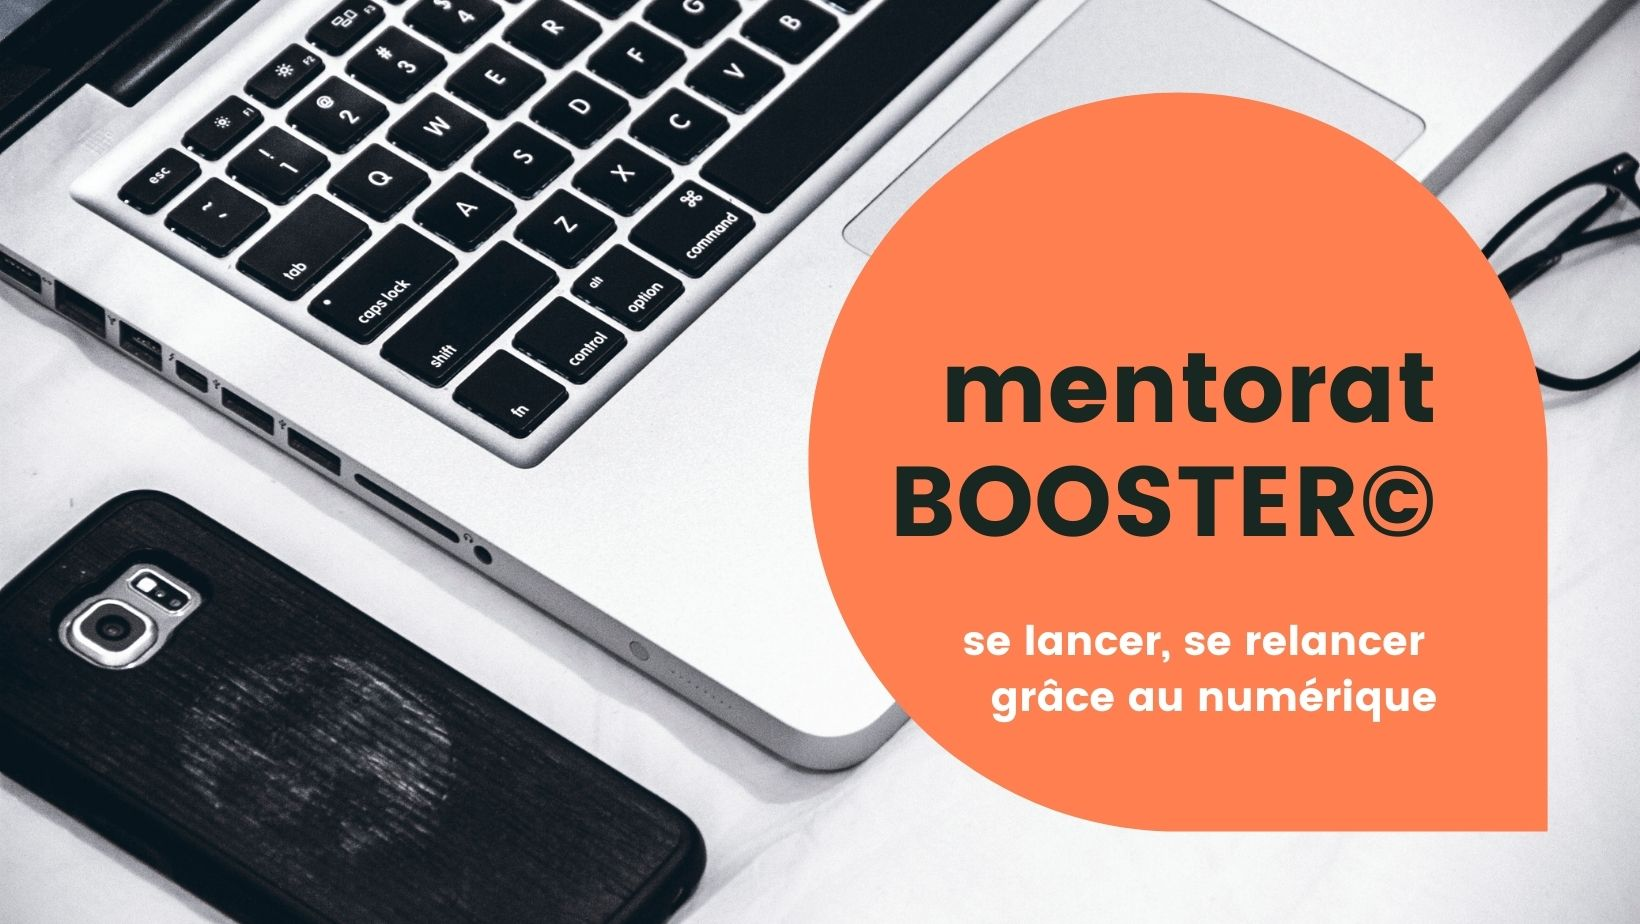 accompagnement Booster numérique pour lancer ou relancer sa société